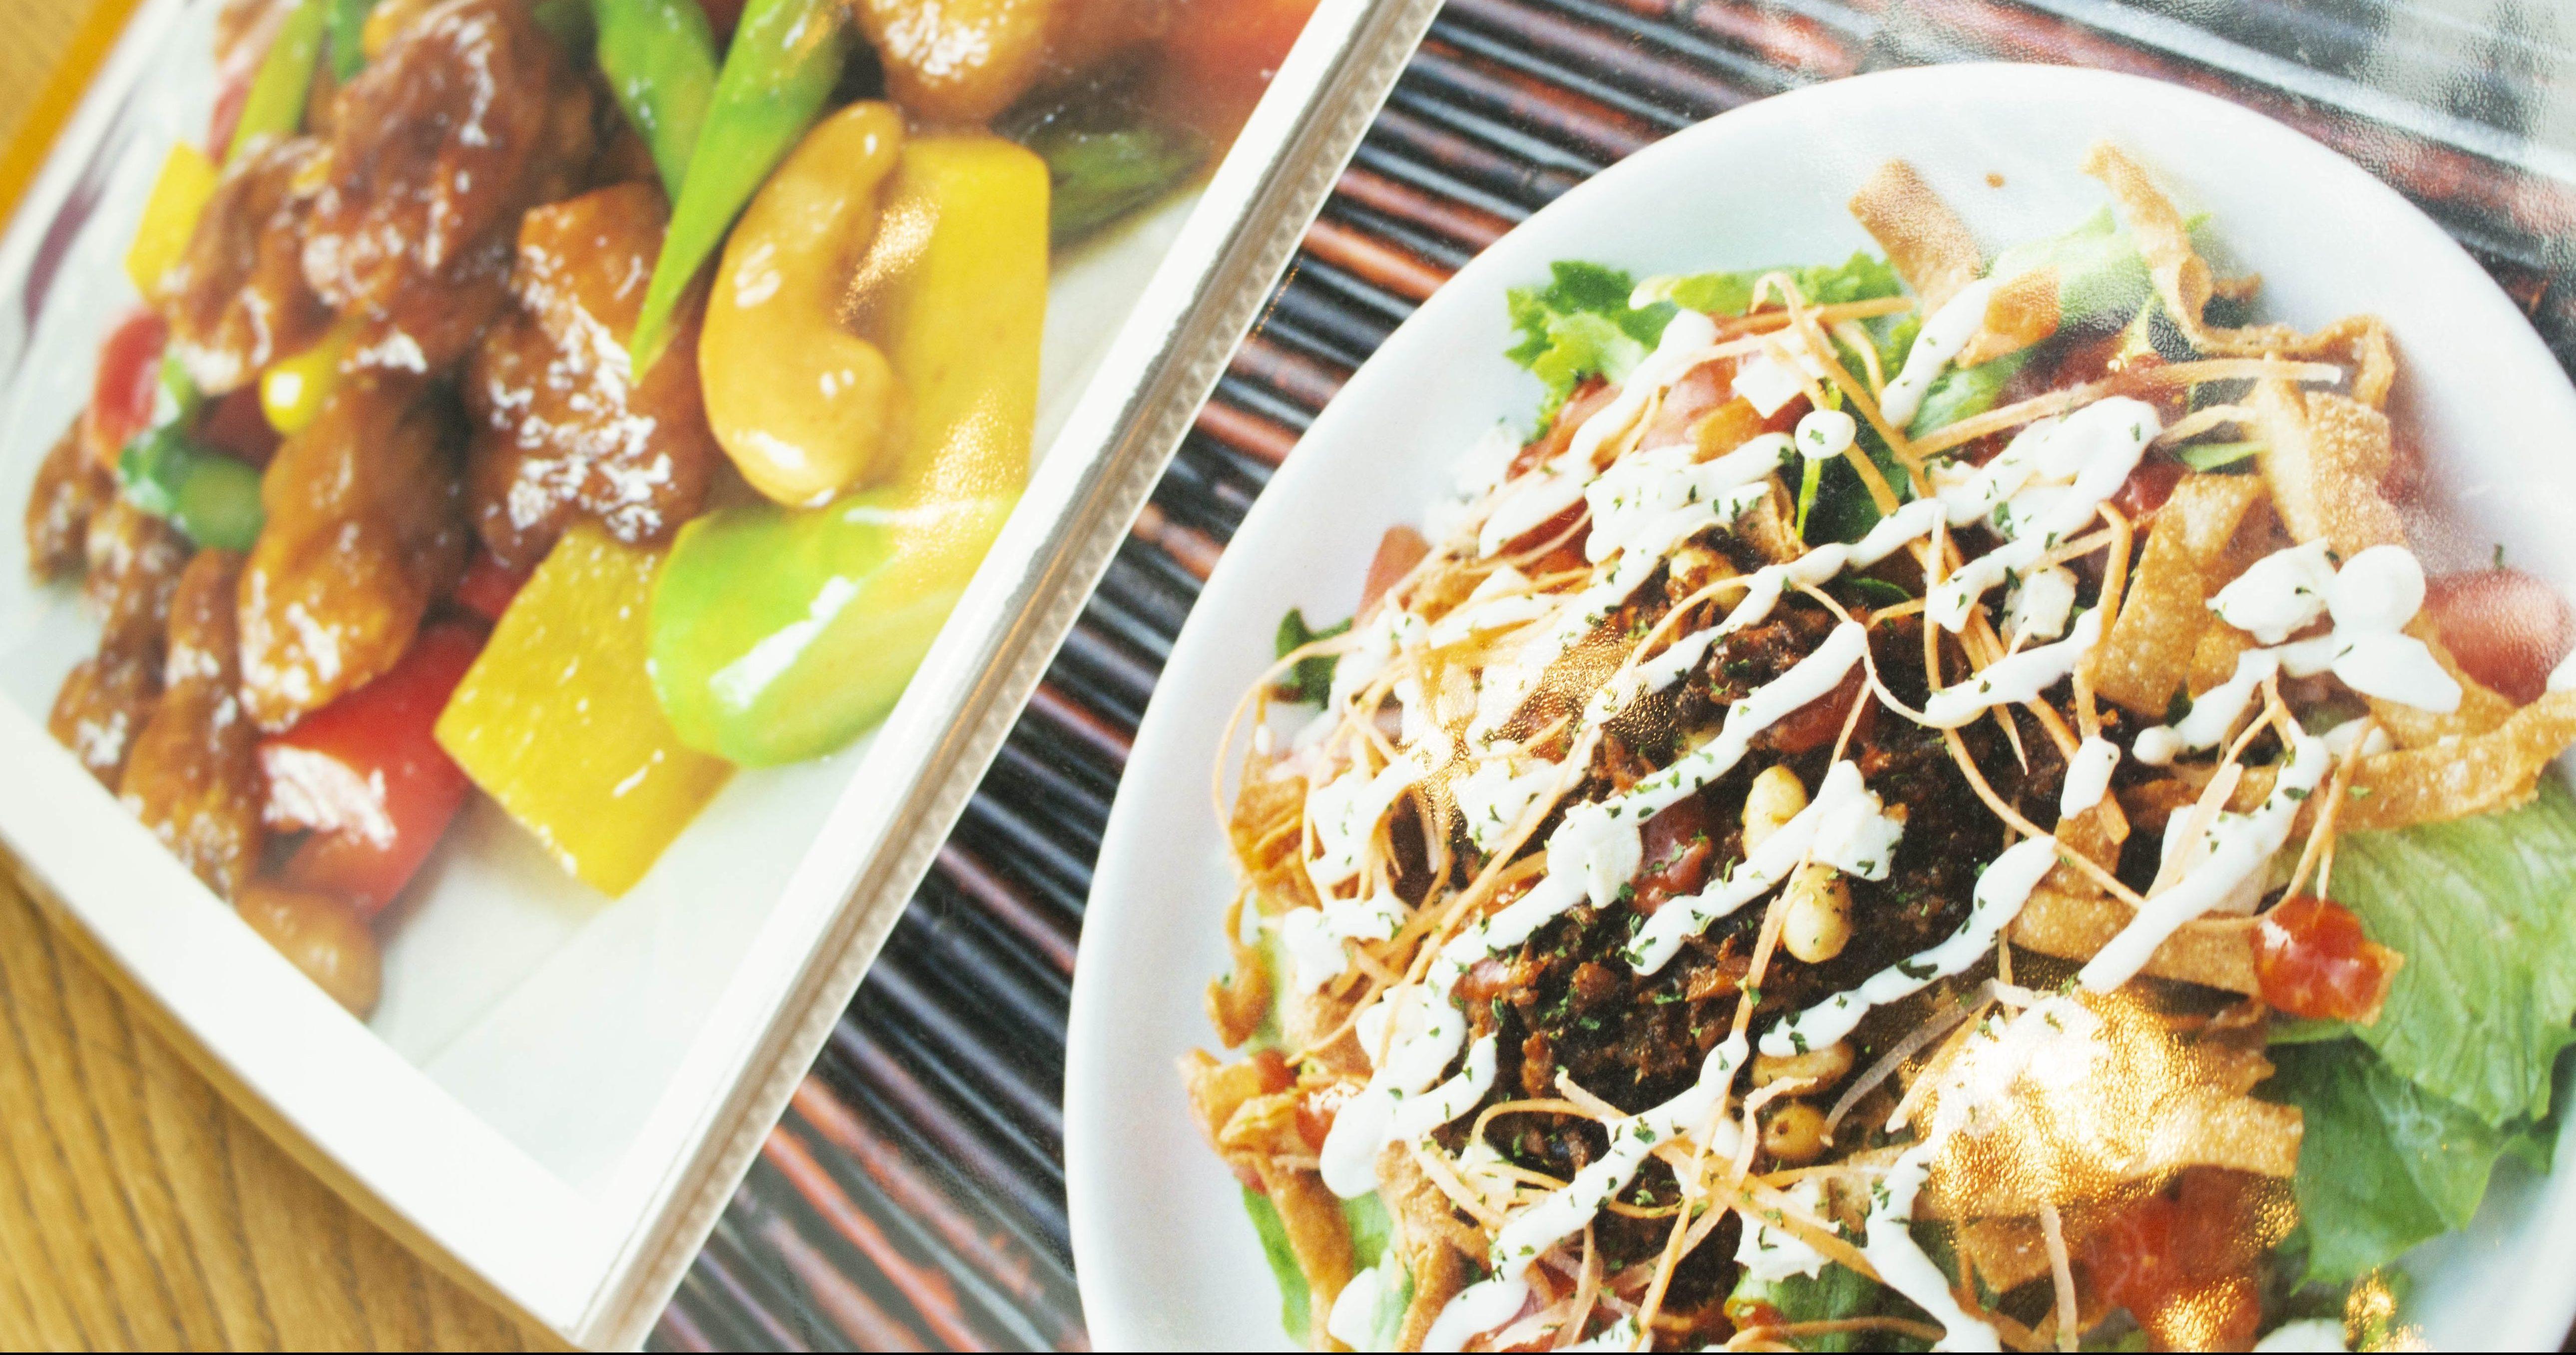 ソーファ・デリ&フーズ株式会社/菜食を通じて、自分の使命を全うする人生を。